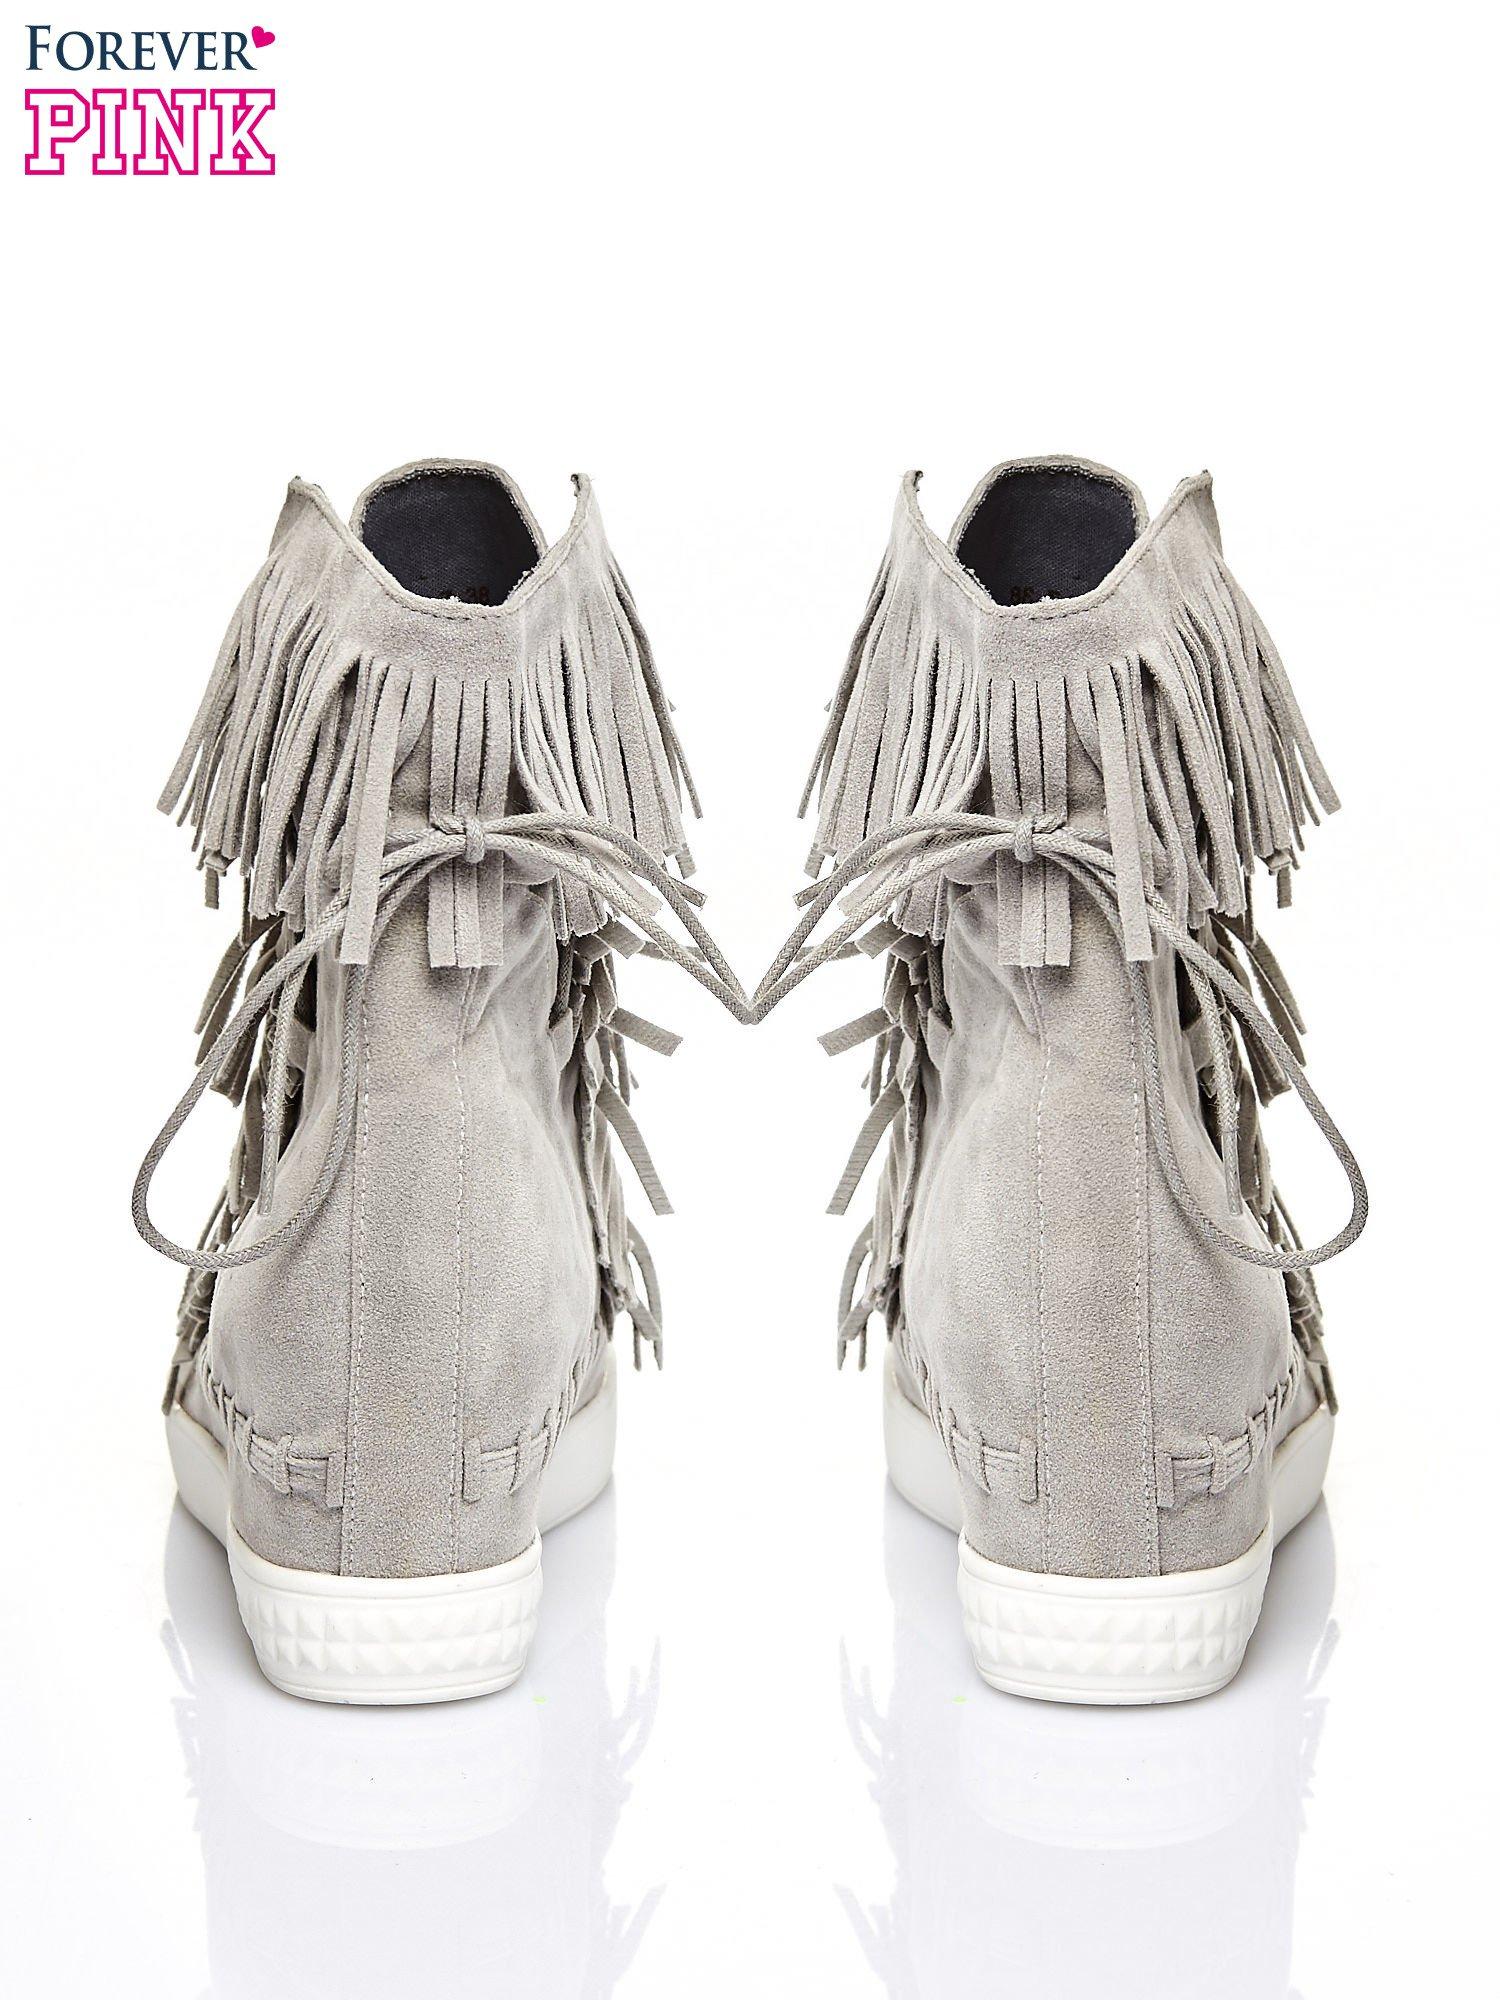 Jasnoszare sneakersy damskie z frędzlami                                  zdj.                                  3